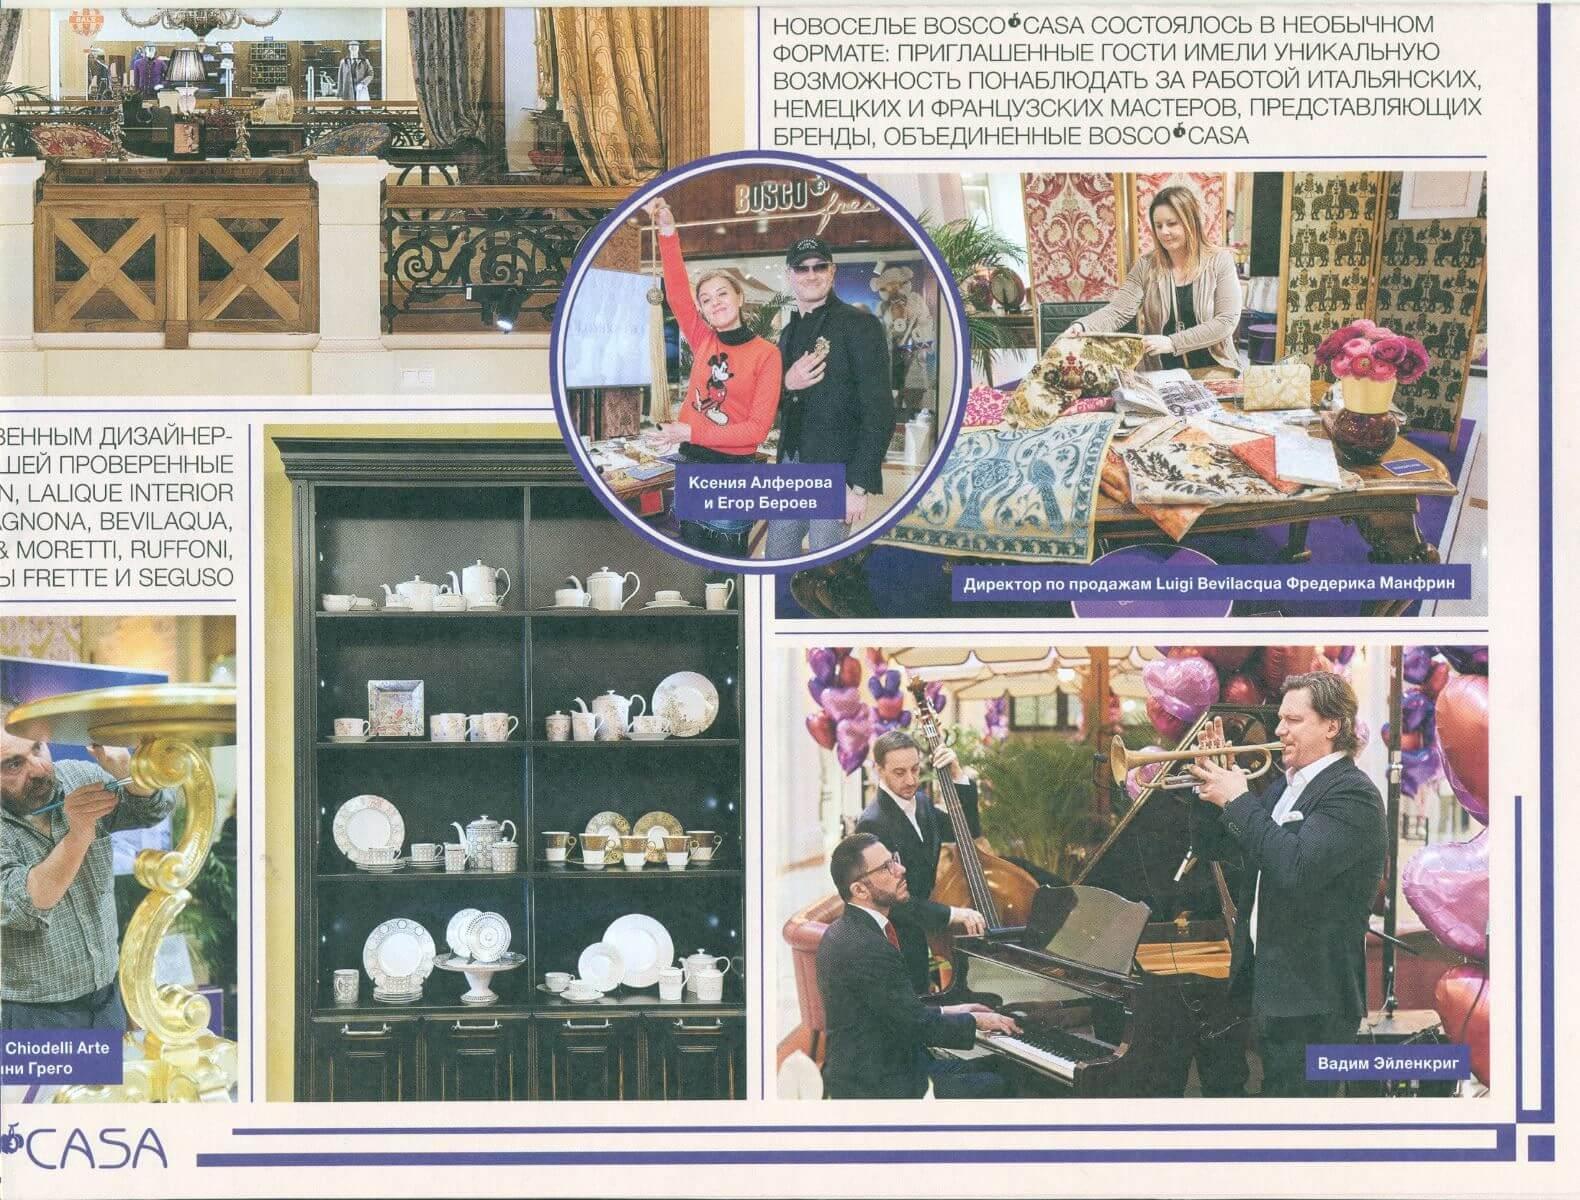 Bosco di Ciliegi Magazine-1 | Tessitura Bevilacqua